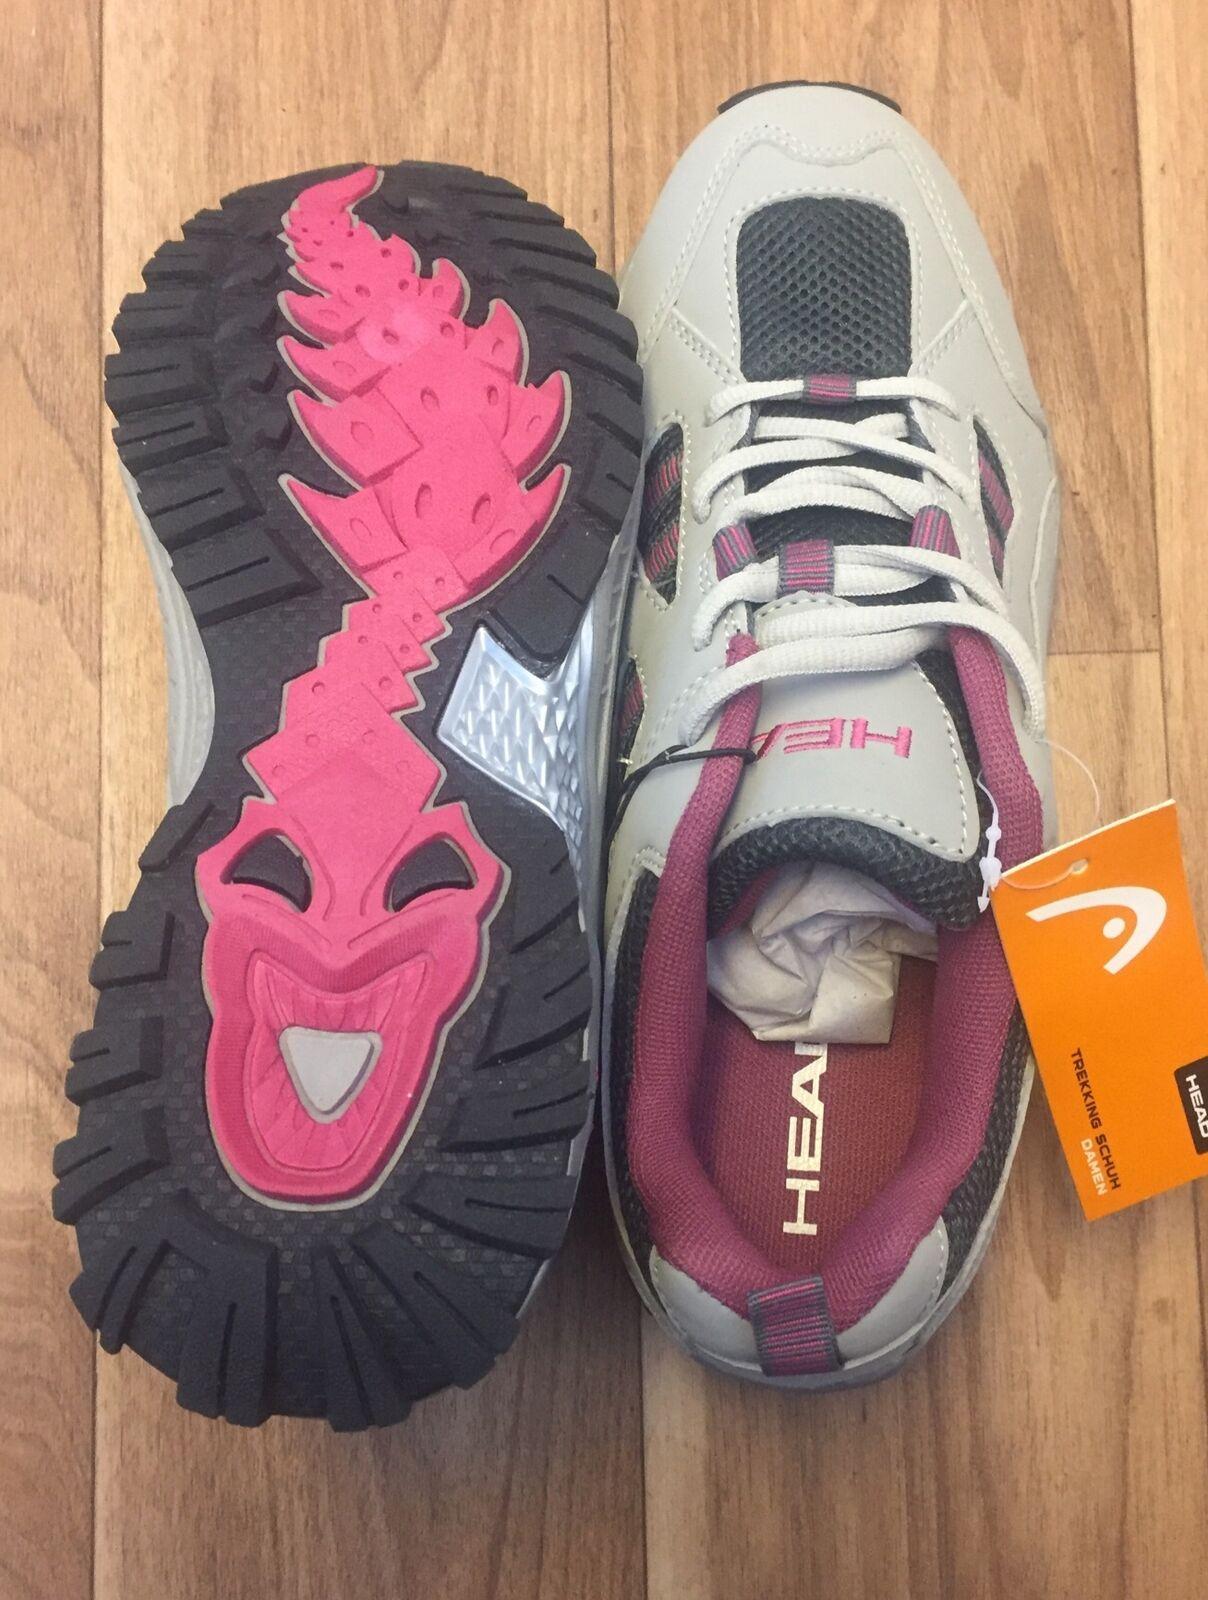 Head Trek Marche Escalade Randonnée Pédestre Baskets Basses Chaussures De Randonnée Gris/Dahlia UK 6.5